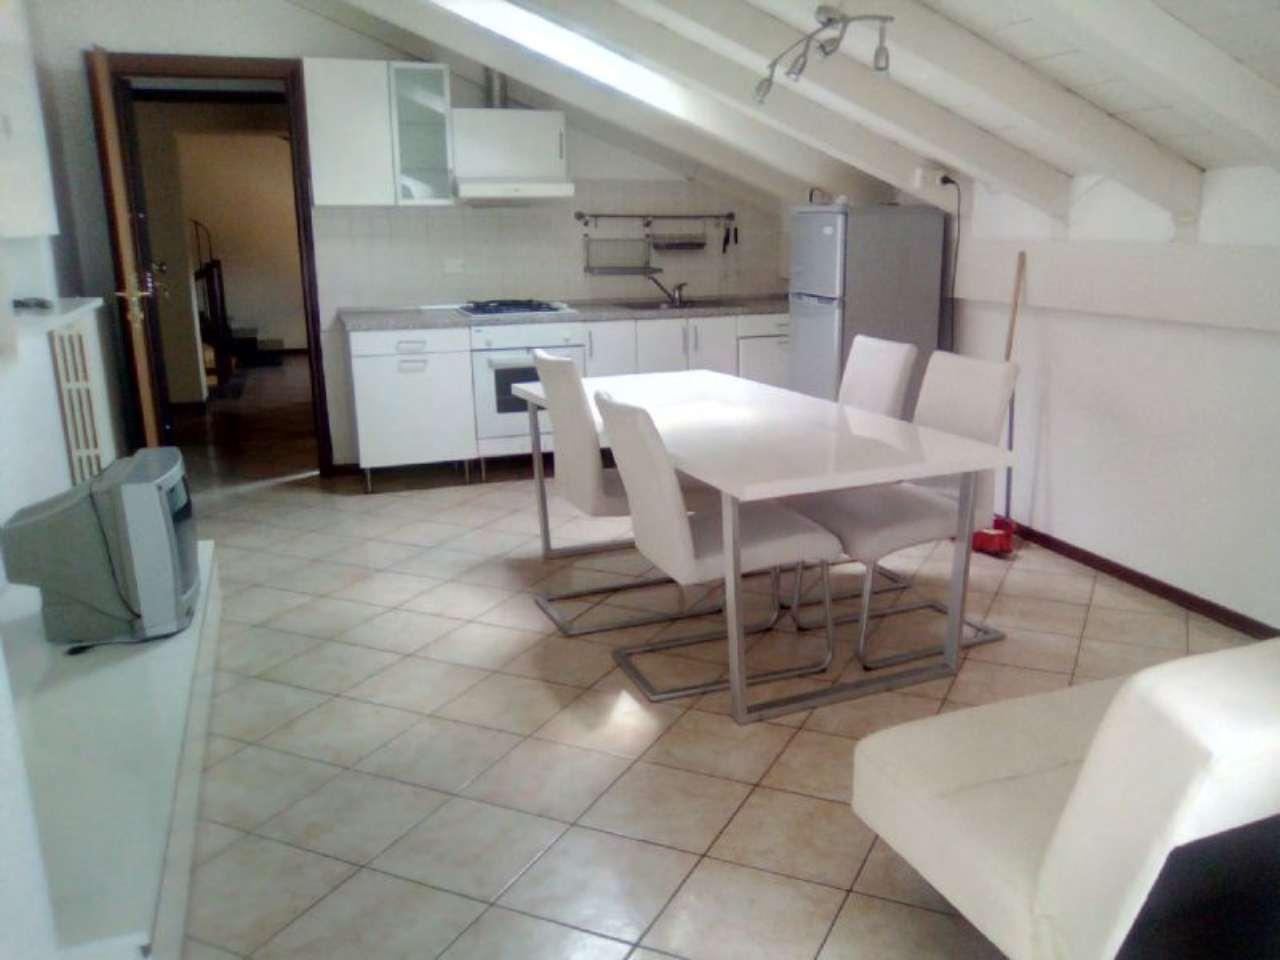 Appartamento in affitto a Viadana, 1 locali, prezzo € 300 | CambioCasa.it